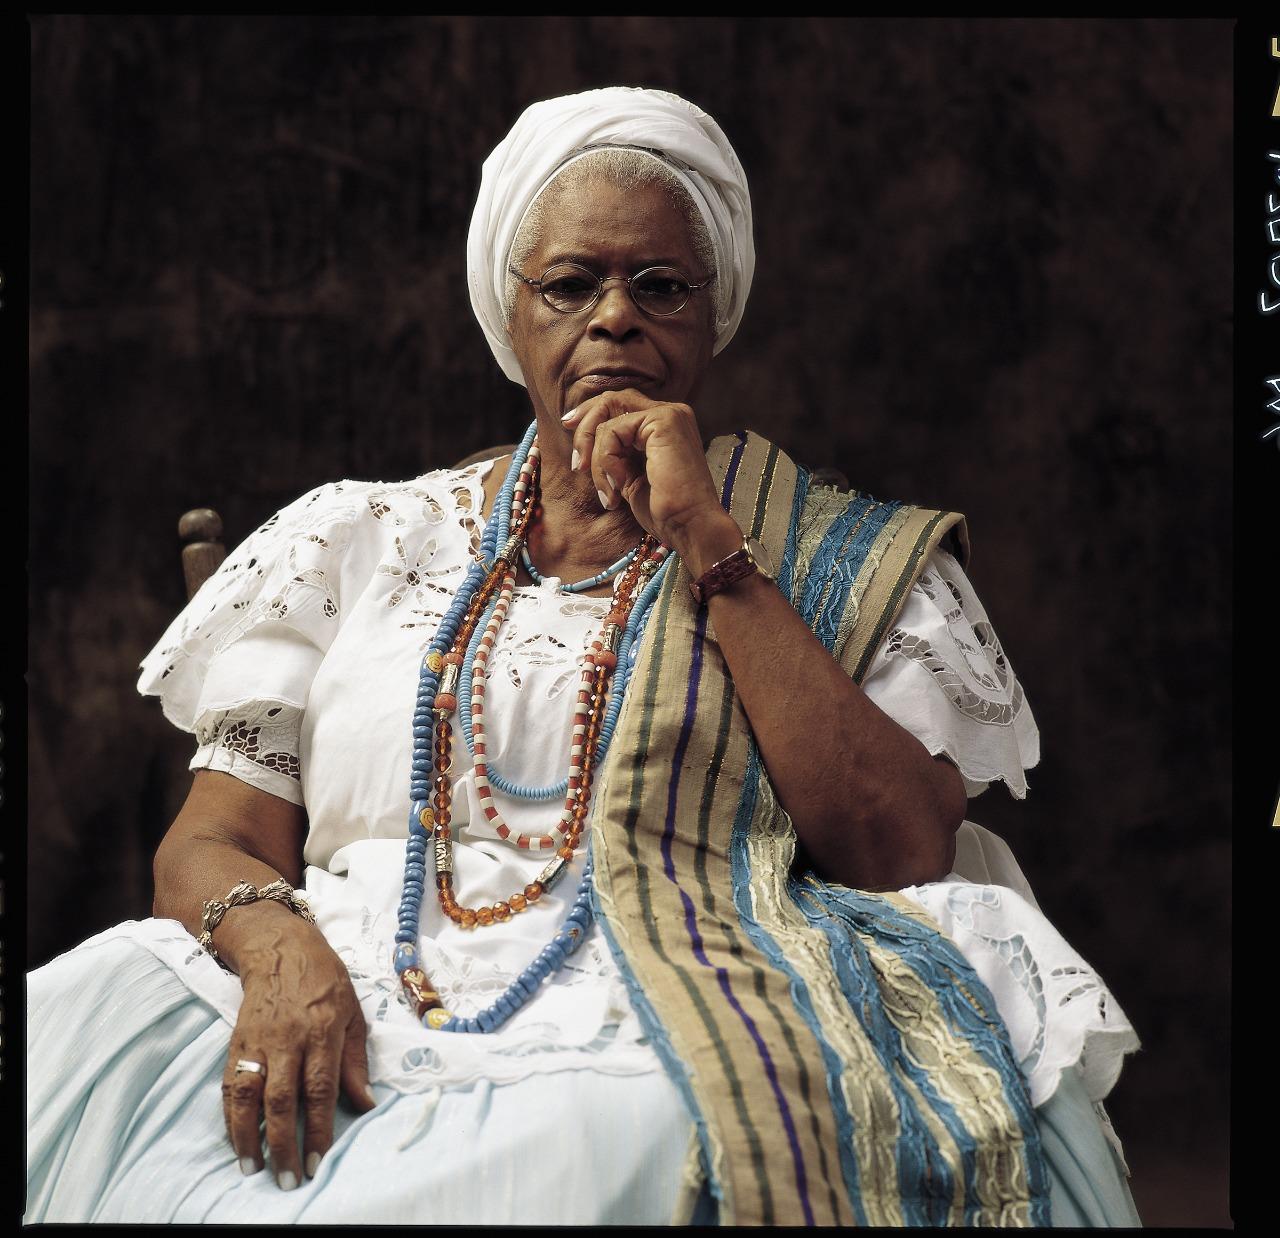 5 Mãe Stella de Oxóssi  1976-2018 Iniciada no candomblé com 13 anos, foi enfermeira por 30 anos. Publicou 10 livros e era membro da Academia de Letras da Bahia. Militante, ela foi uma das primeiras a combater o sincretismo religioso